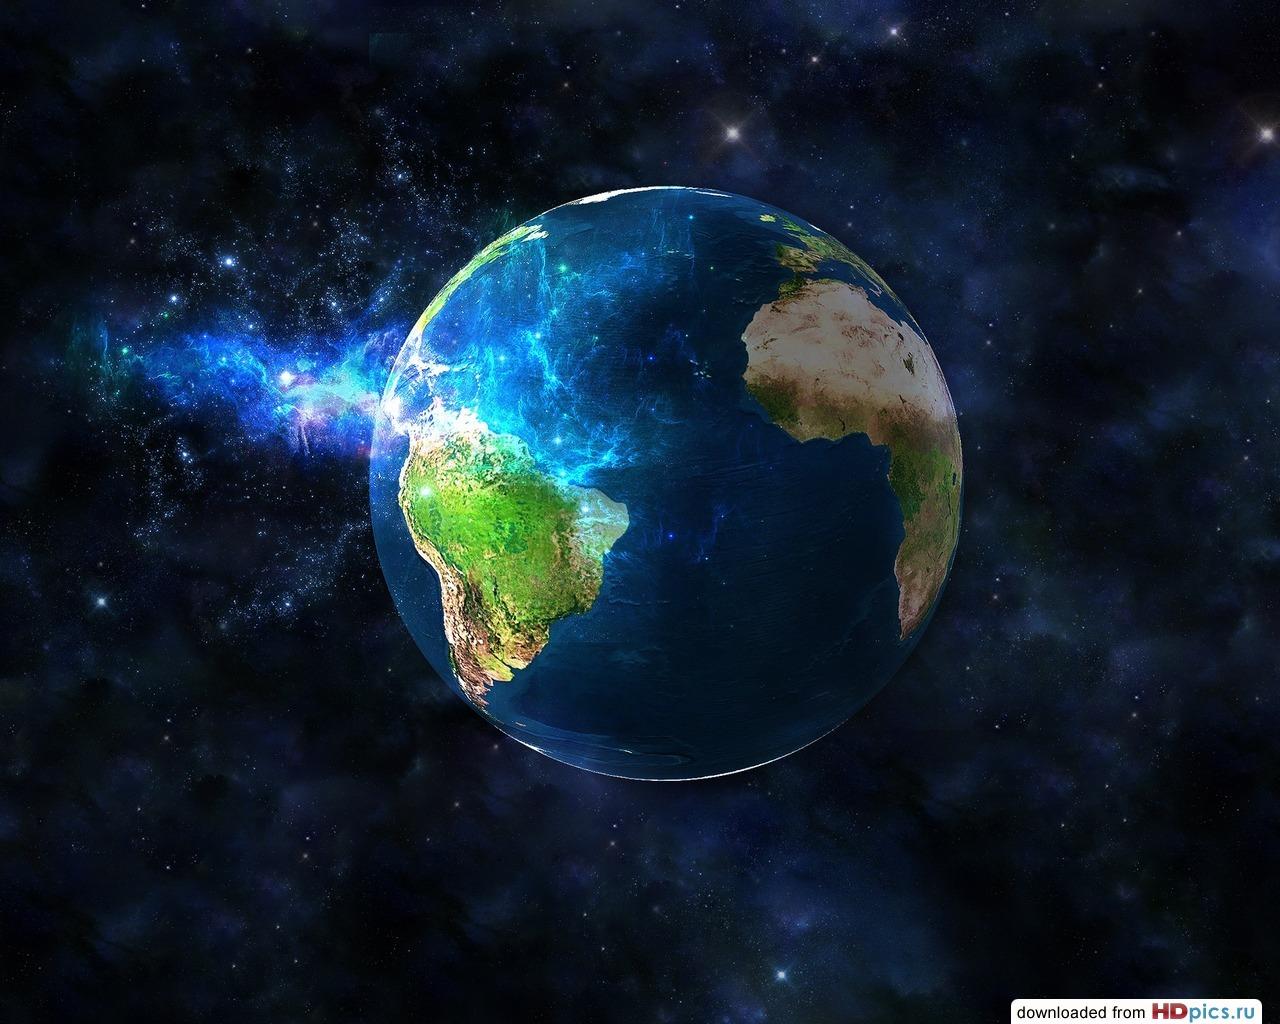 земля, космос, скачать фото, обои на рабочий стол